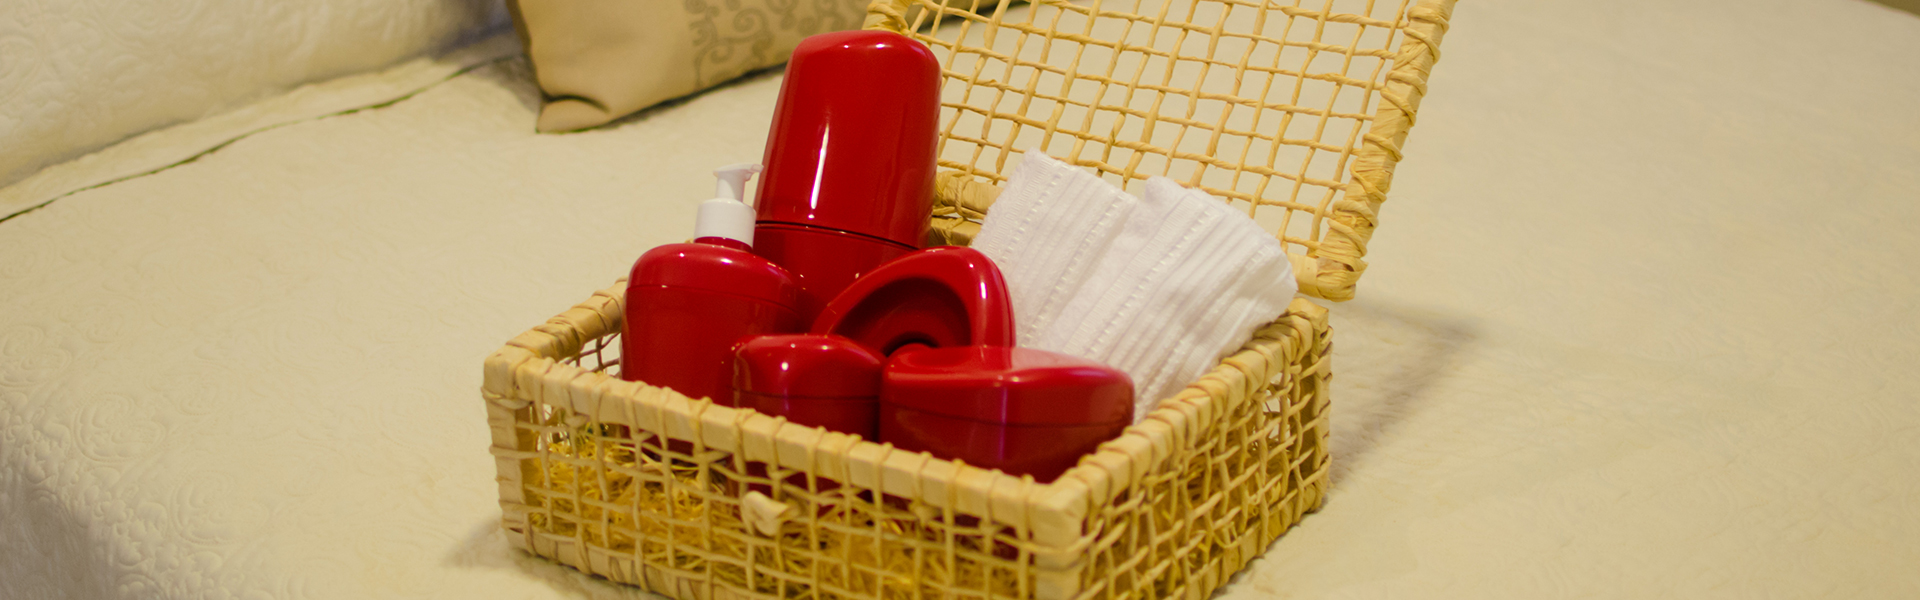 Acessórios para Banheiro